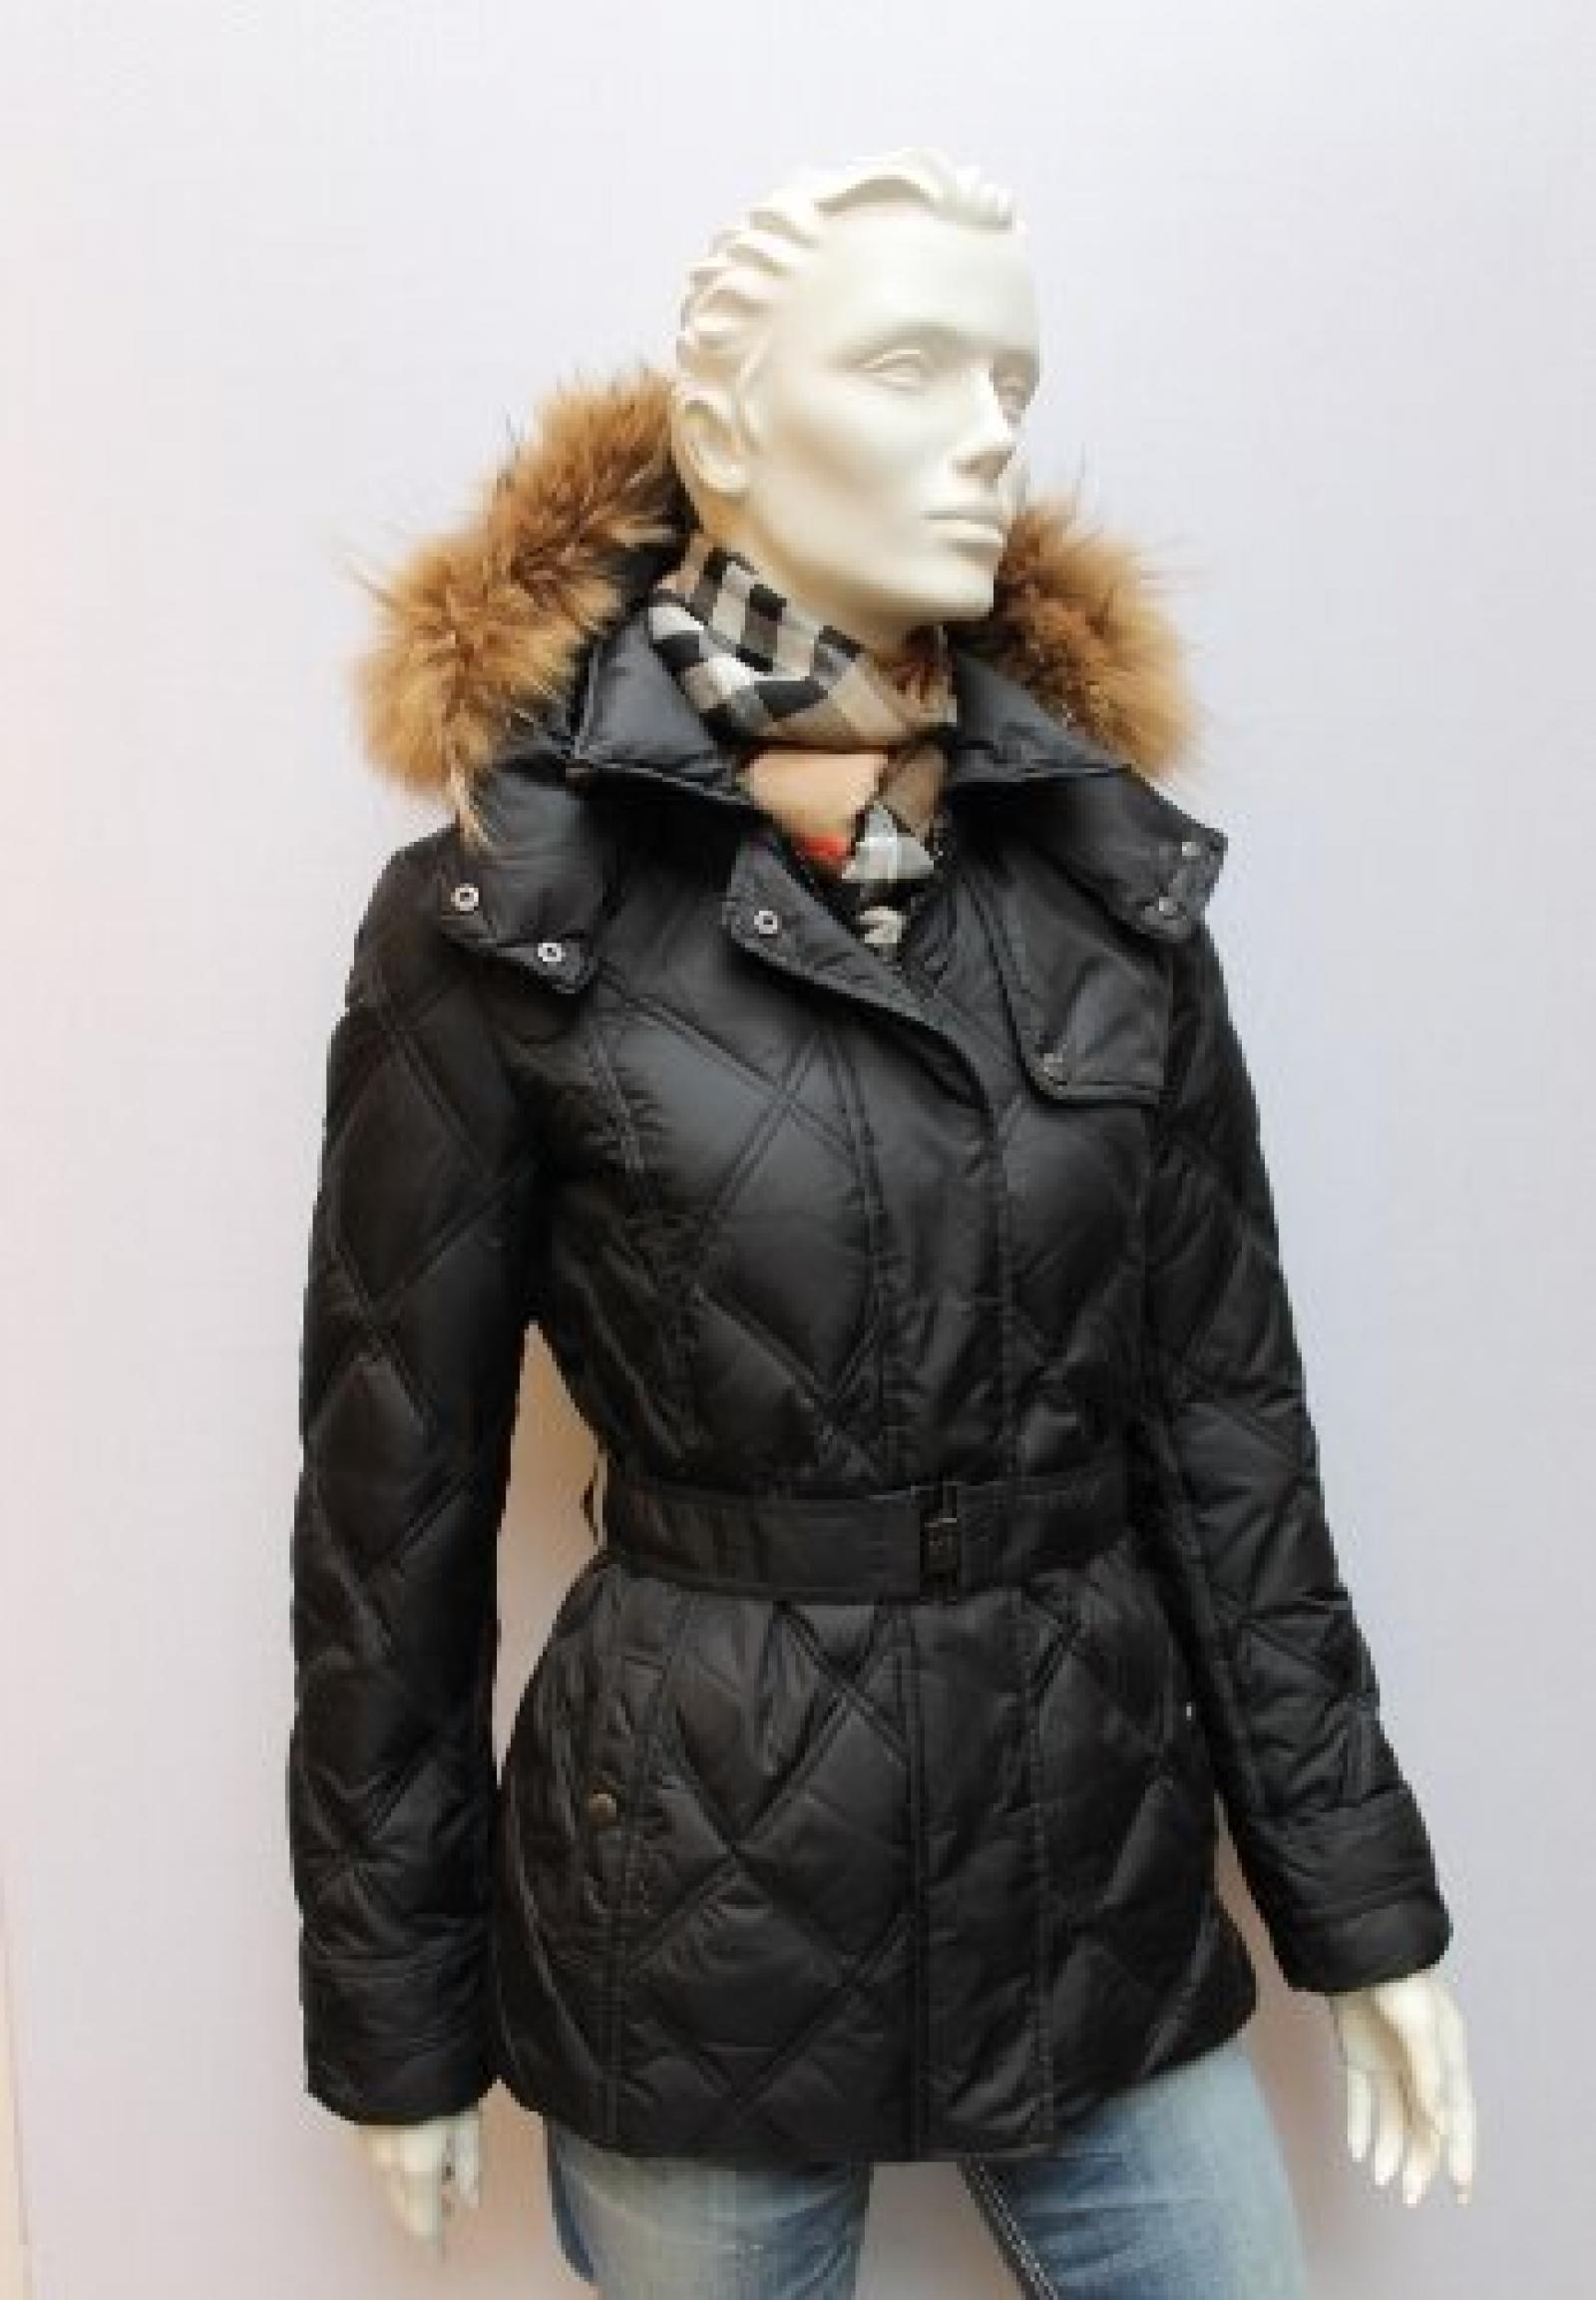 Damen Daunen Jacke mit Fellkapuze, von 313 - TRE UNO TRE, schwarz